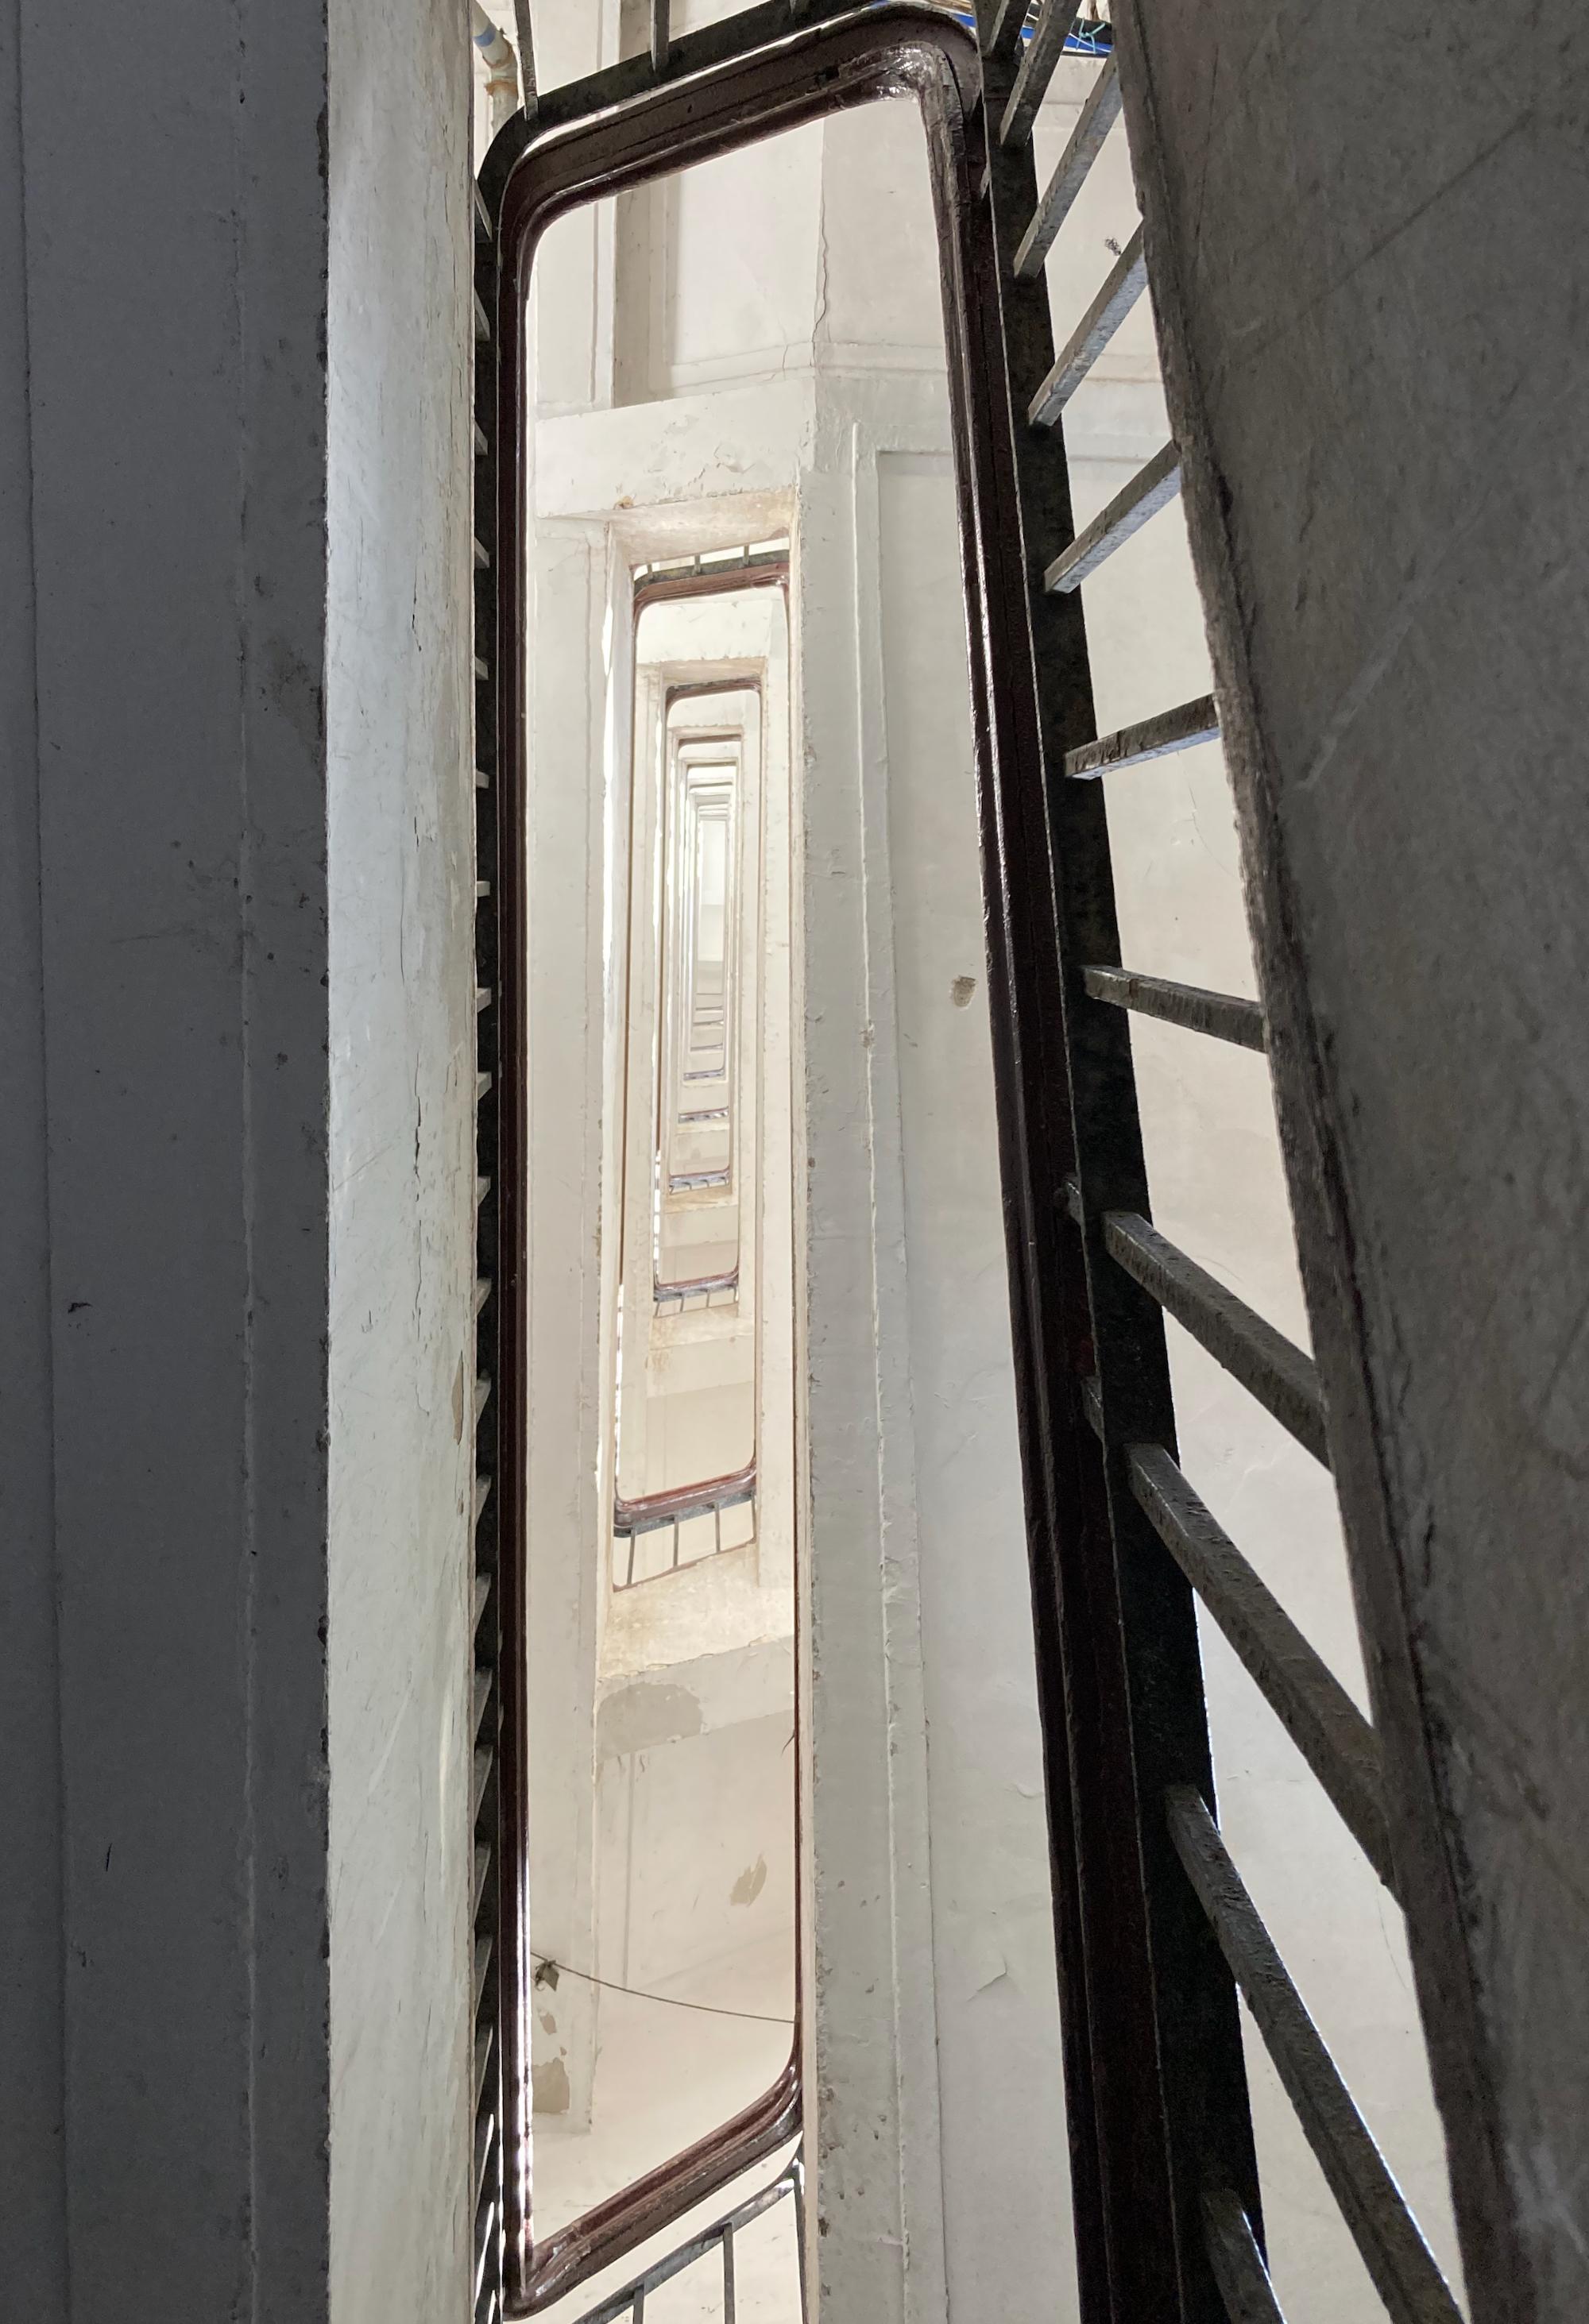 河滨大楼里的旋转楼梯。 btr 图